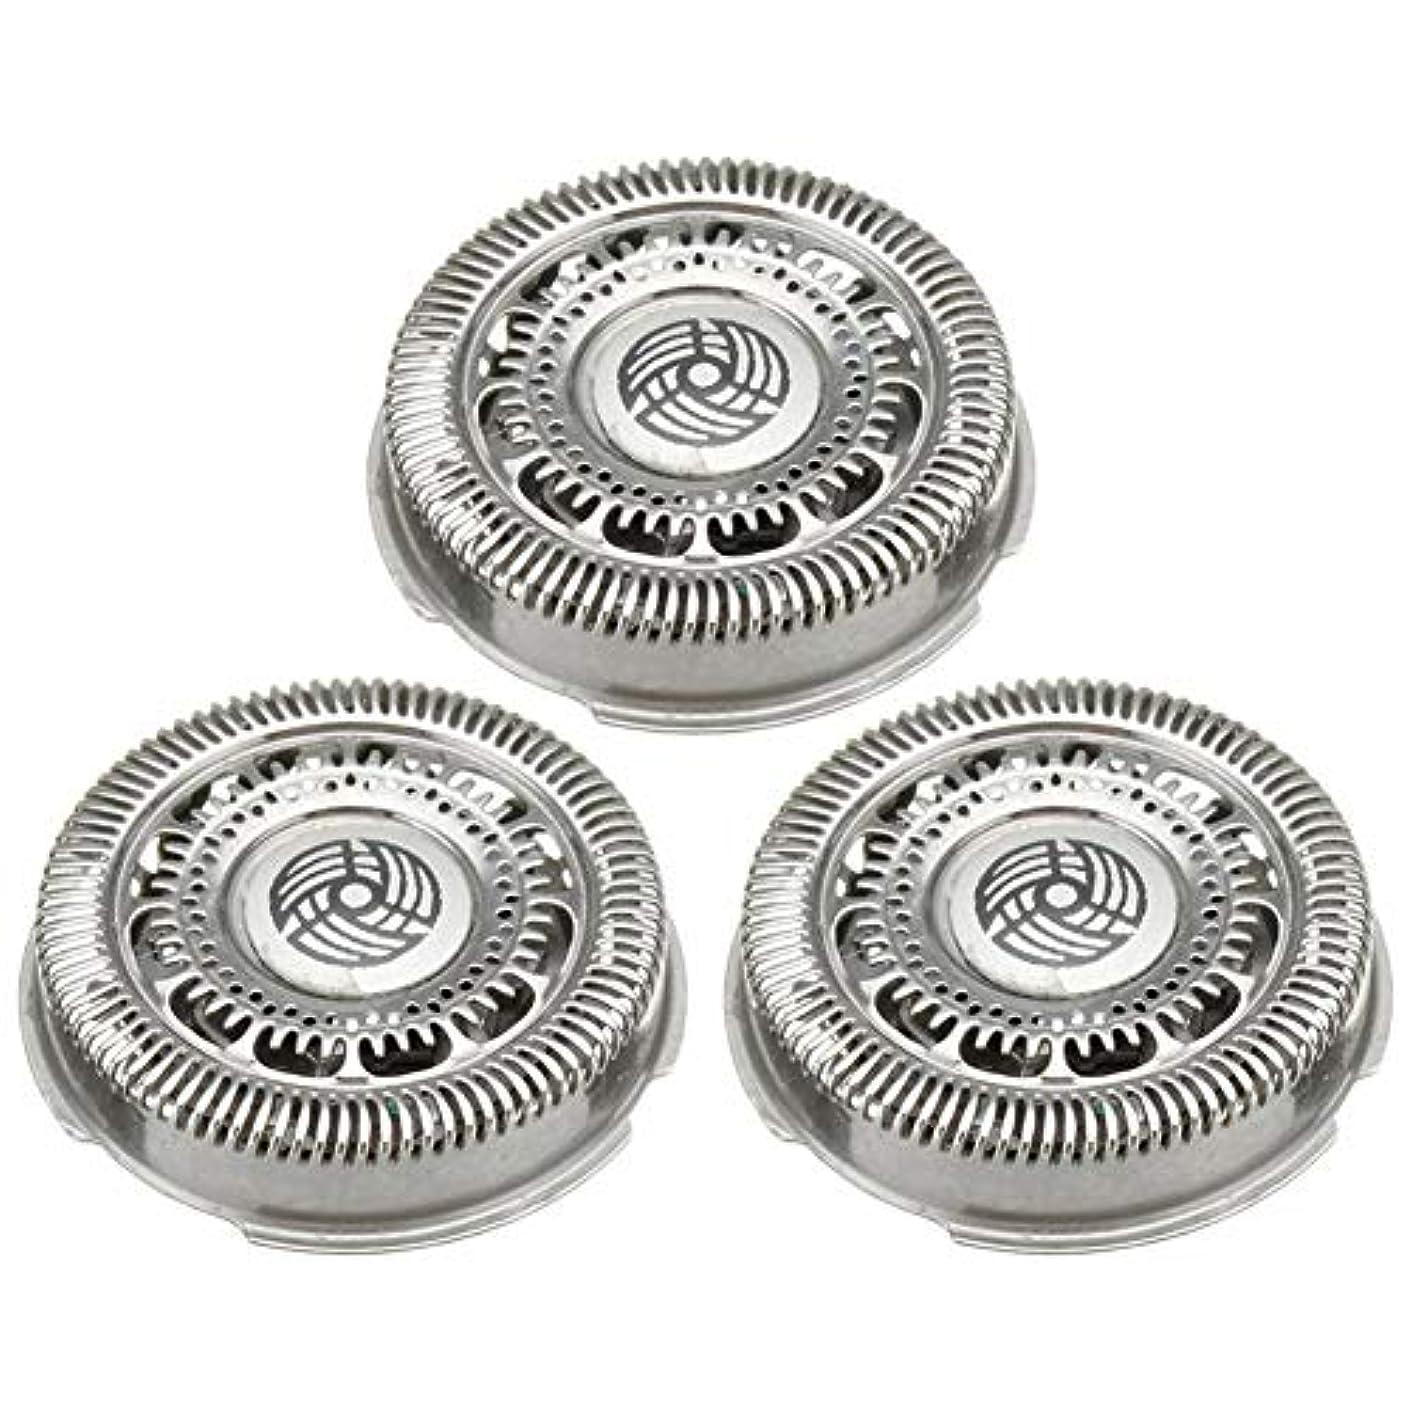 褐色浴室おなかがすいた3個 シェーバー 替刃 シェーバー ヘッド フィリップス用 Norelco SH90 S7000 S9000 ダブルブレード ステンレス鋼 完璧な互換性 高 耐久性 幅広い互換性のある試合